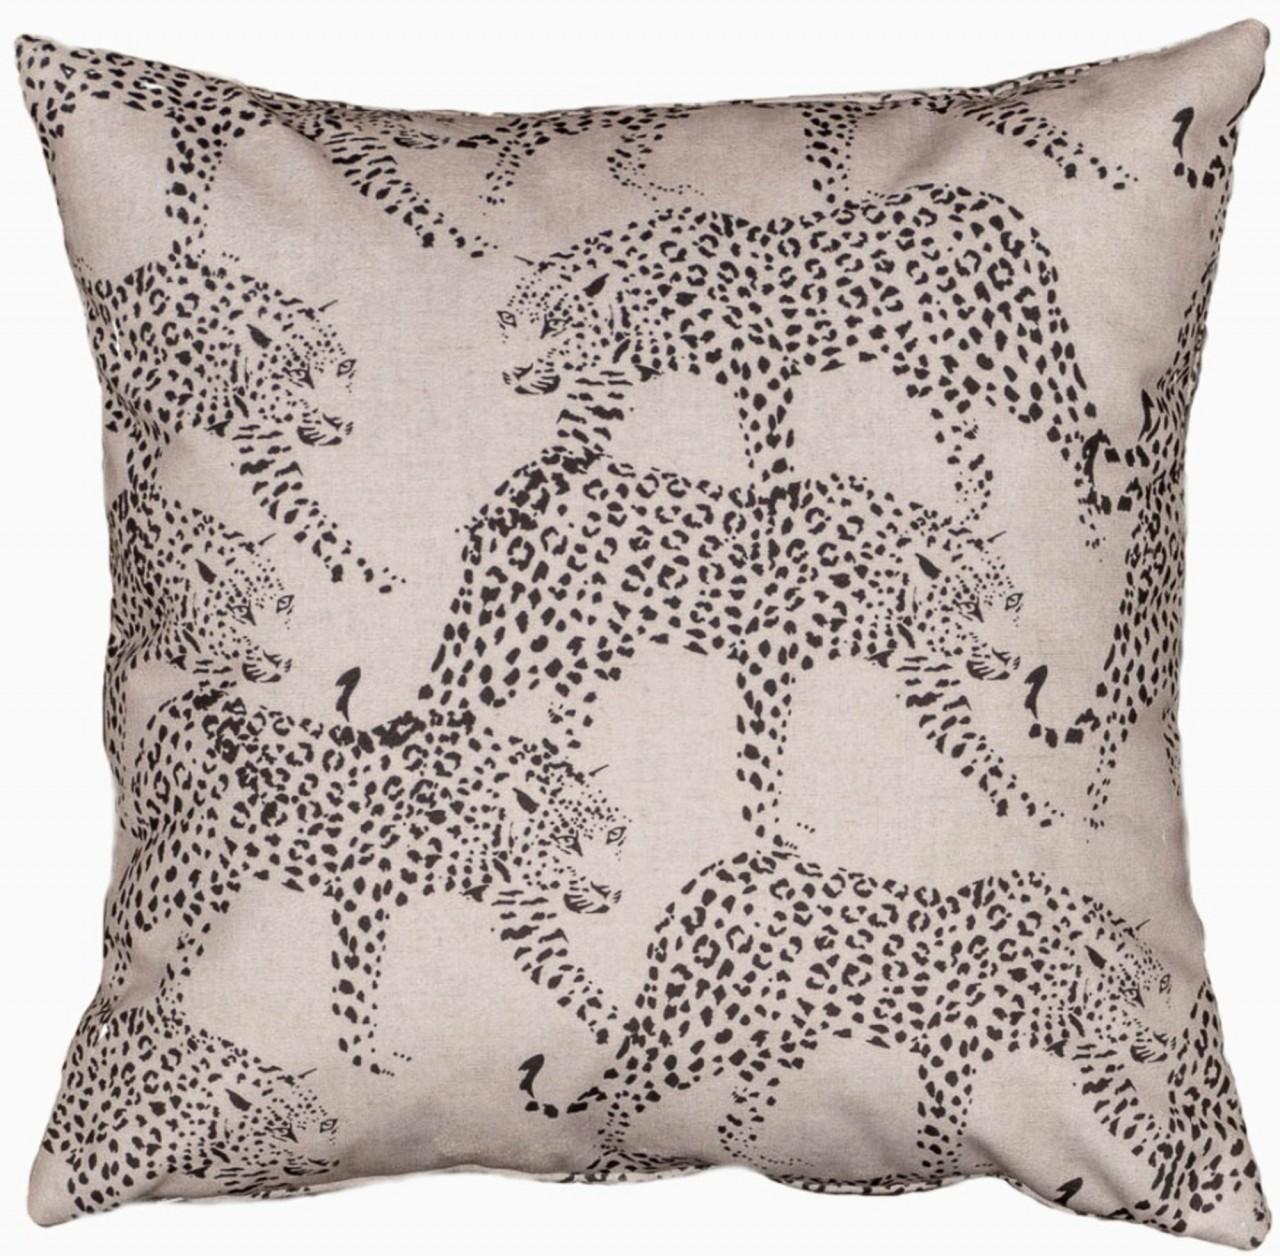 Kissen Leoparden